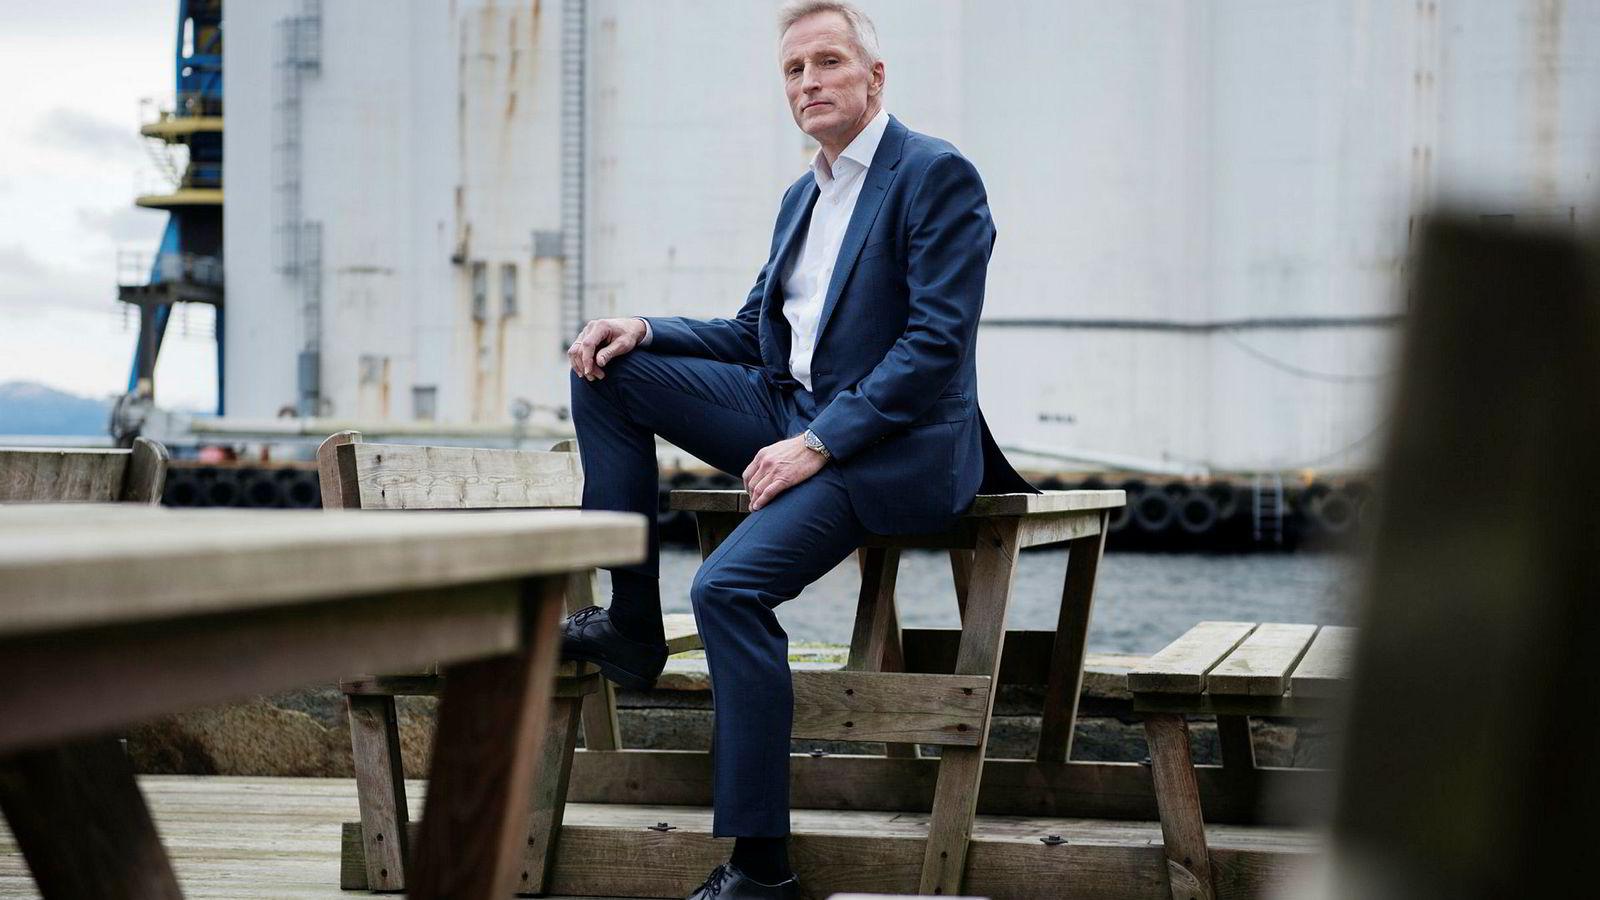 Driftsdirektør Helge Hammer (57) slakter DNO-budet som verdsetter Faroe til 6,6 milliarder kroner. Han sitter med storparten av organisasjonen her i Østre bydel i Stavanger.